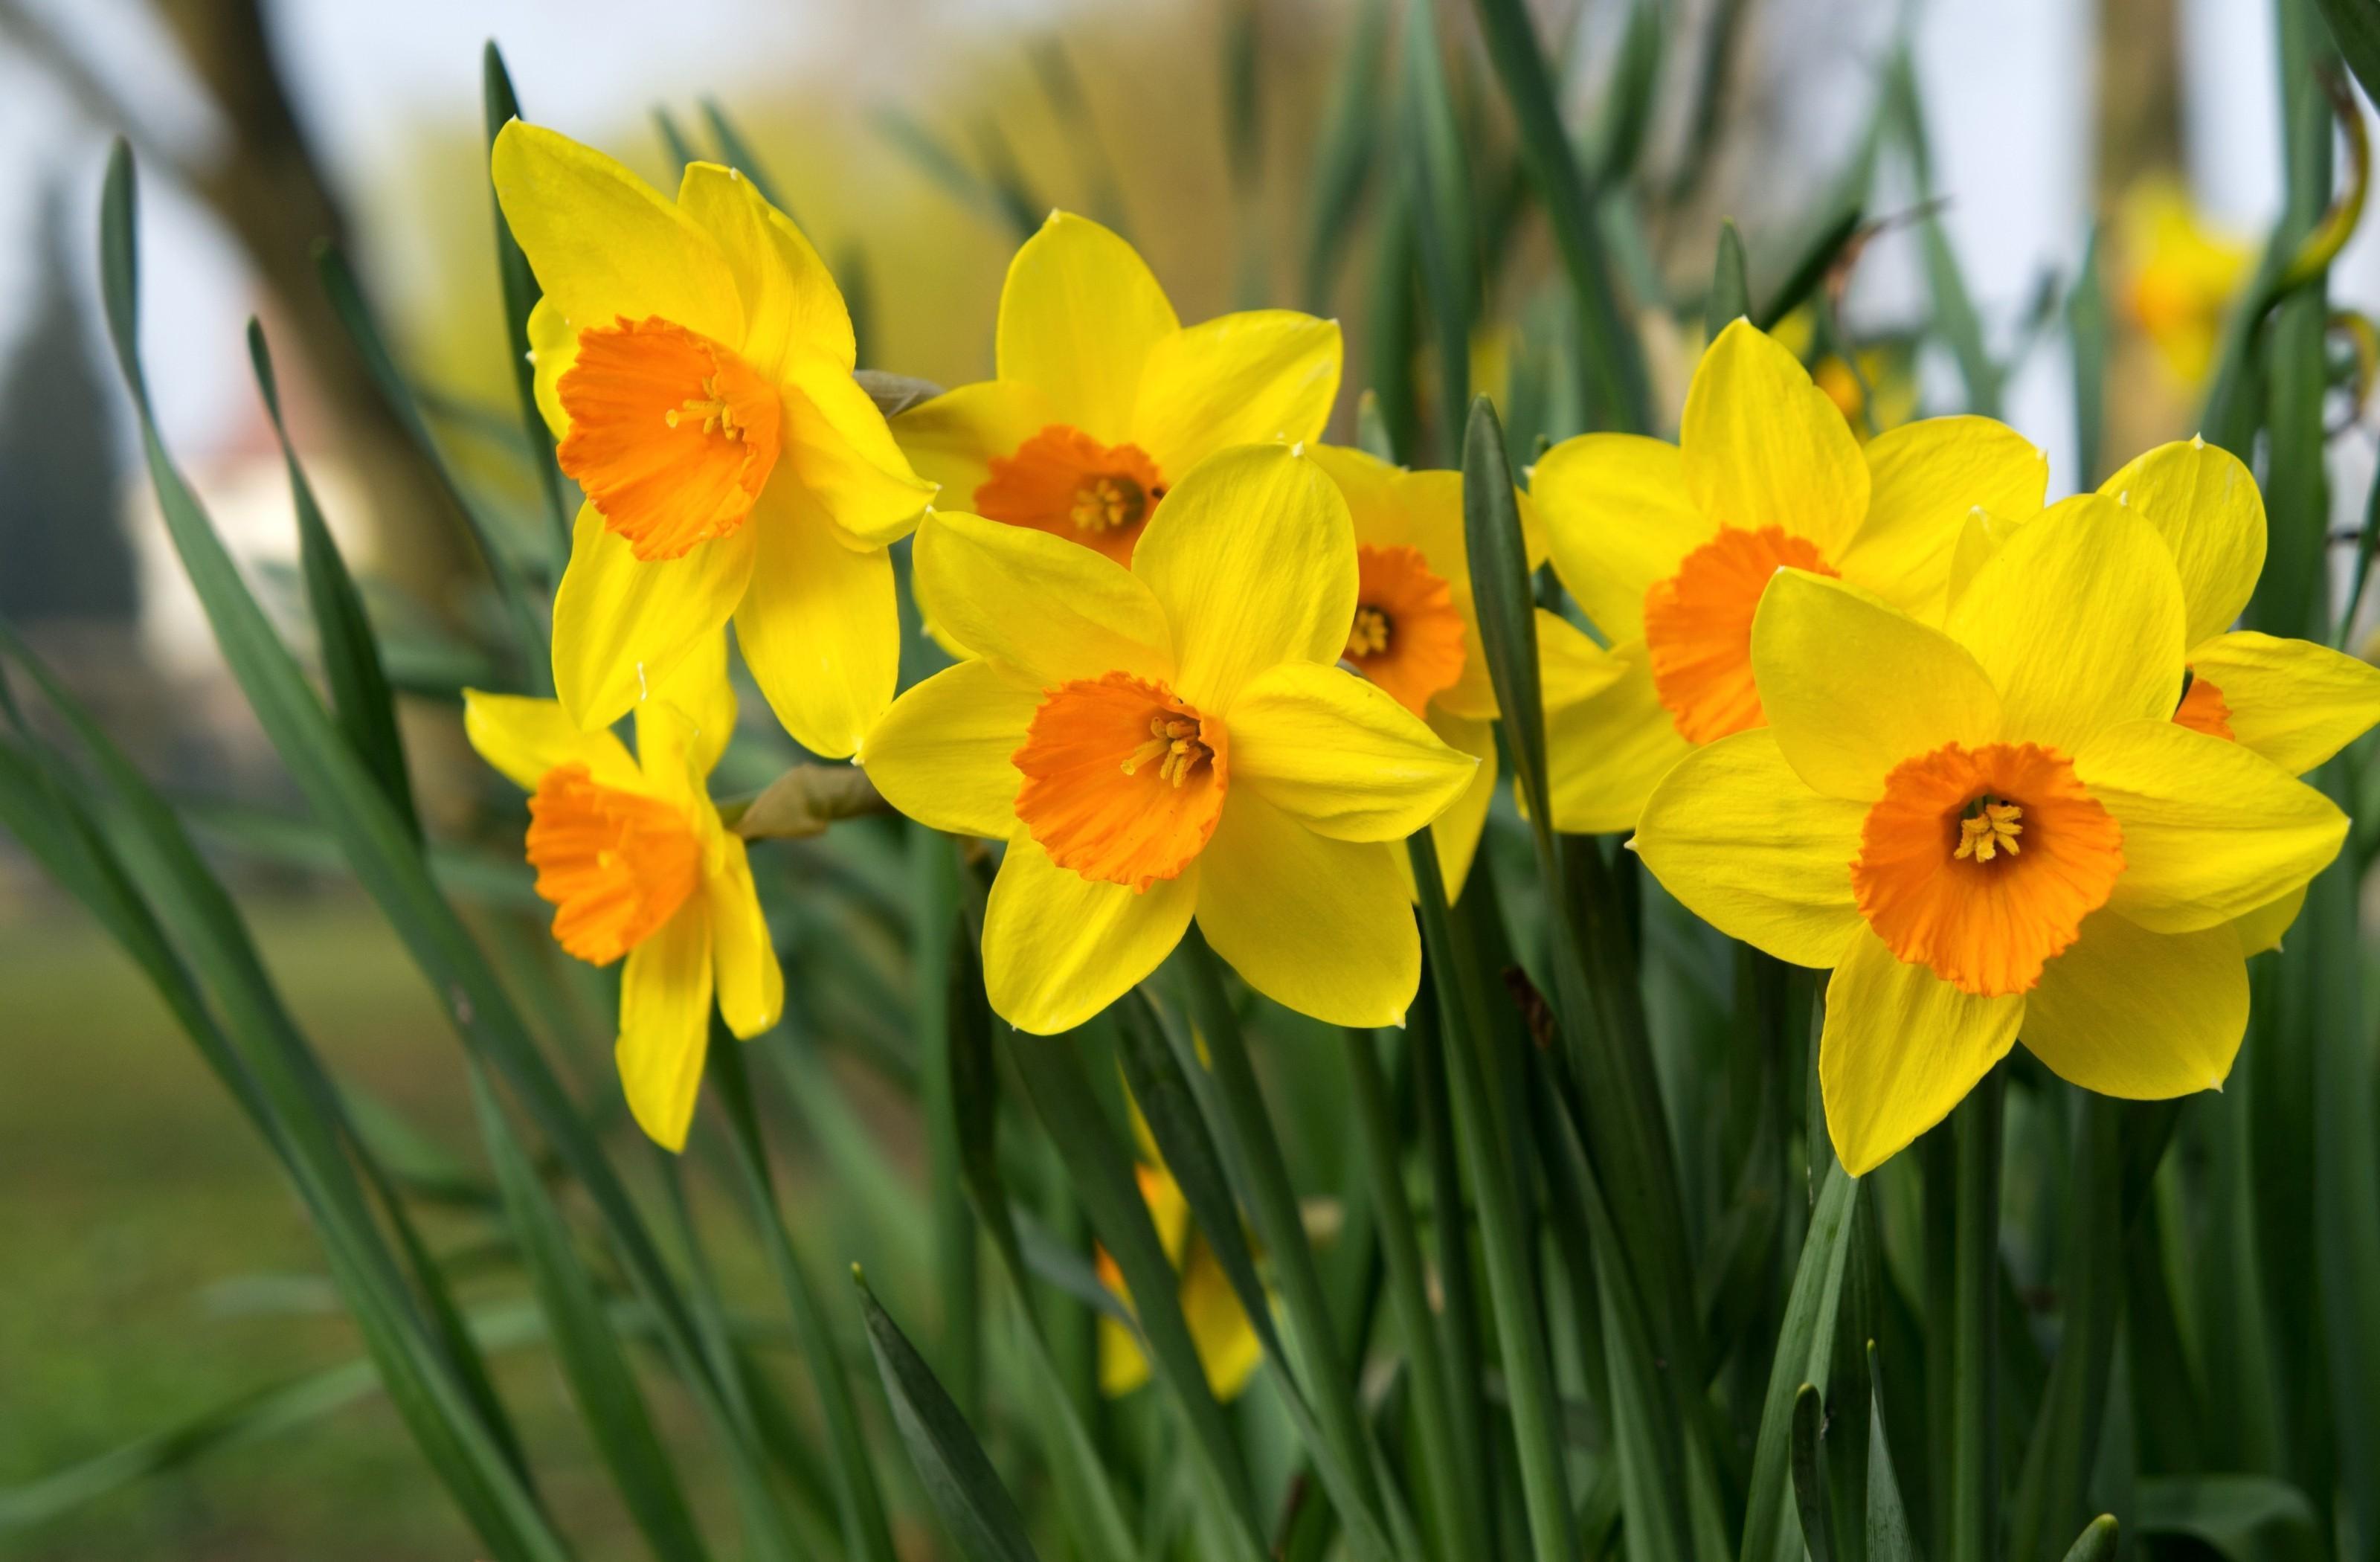 125651 Заставки и Обои Нарциссы на телефон. Скачать Цветы, Нарциссы, Яркие, Клумба, Весна картинки бесплатно